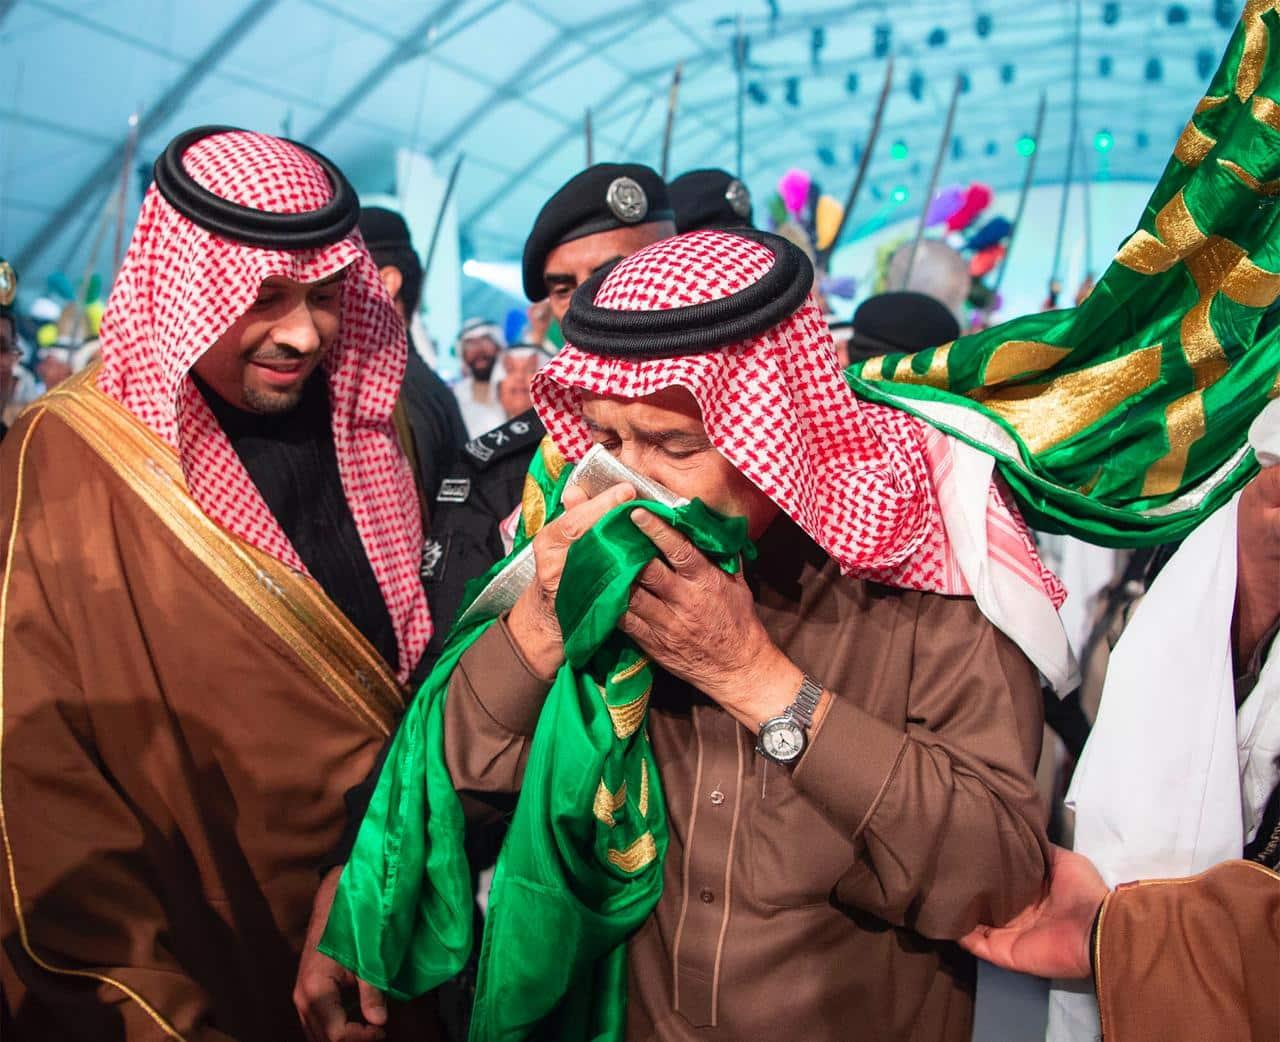 الموت يفجع الملك سلمان.. من هي والدة الأمير مشاري بن منصور ولماذا لم يذكر الديوان اسمها؟